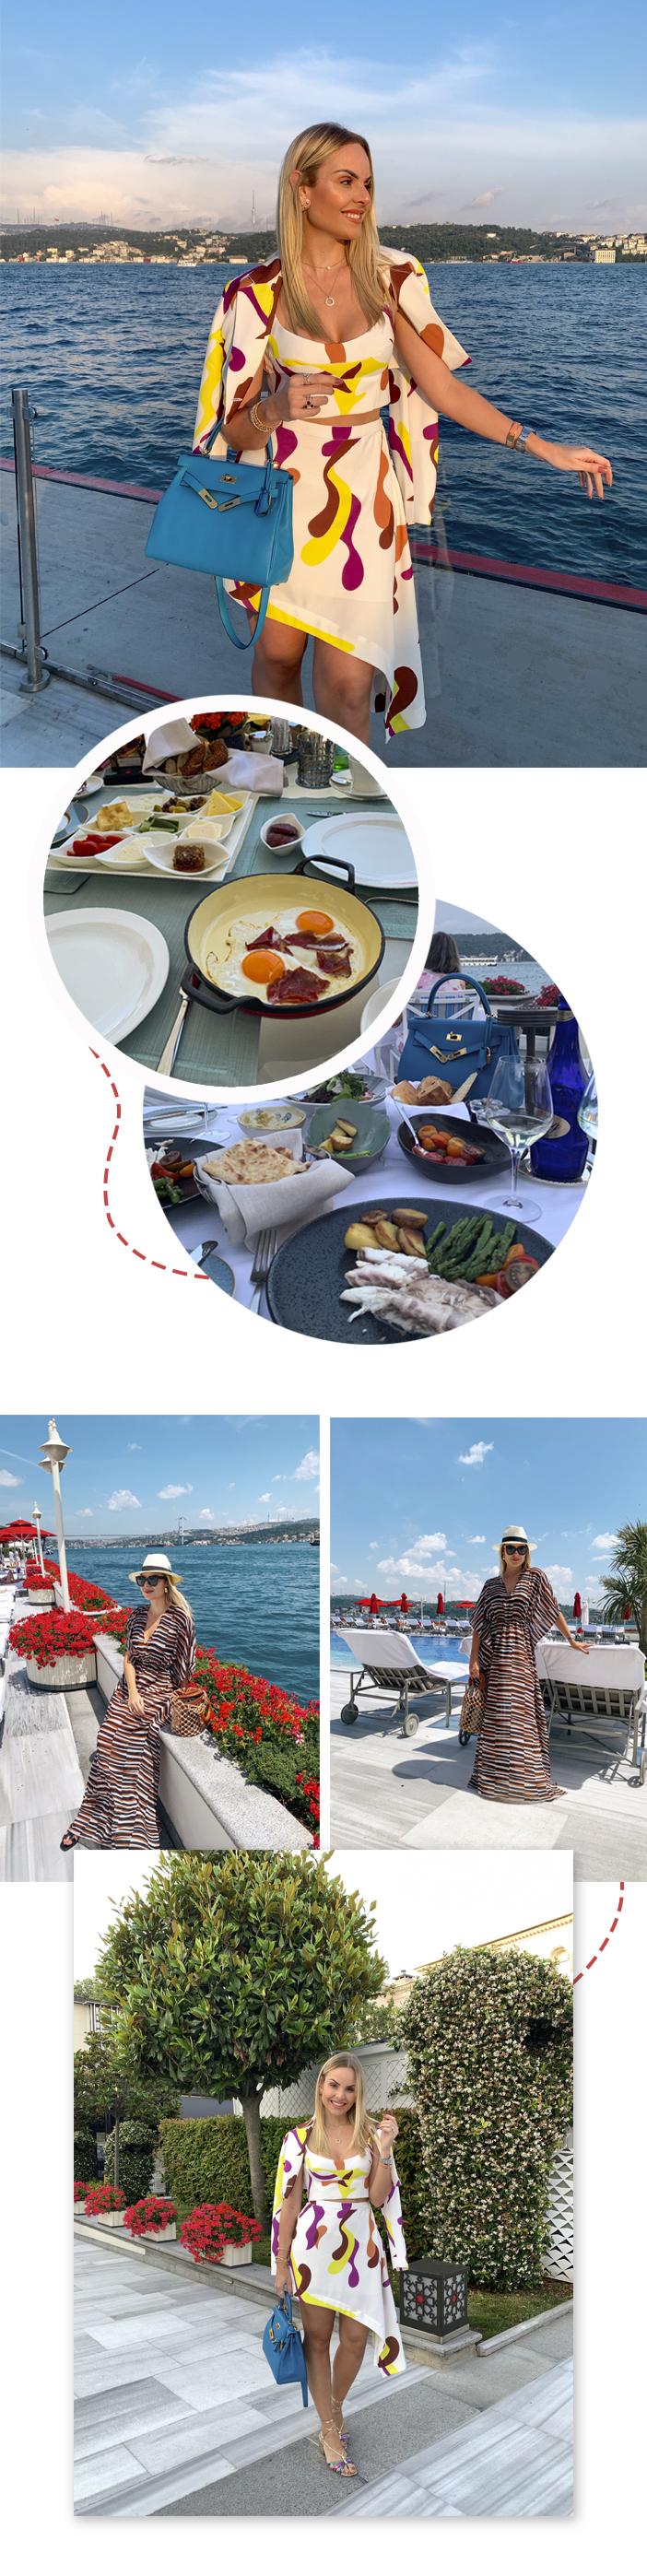 Diário de bordo Layla em Istambul